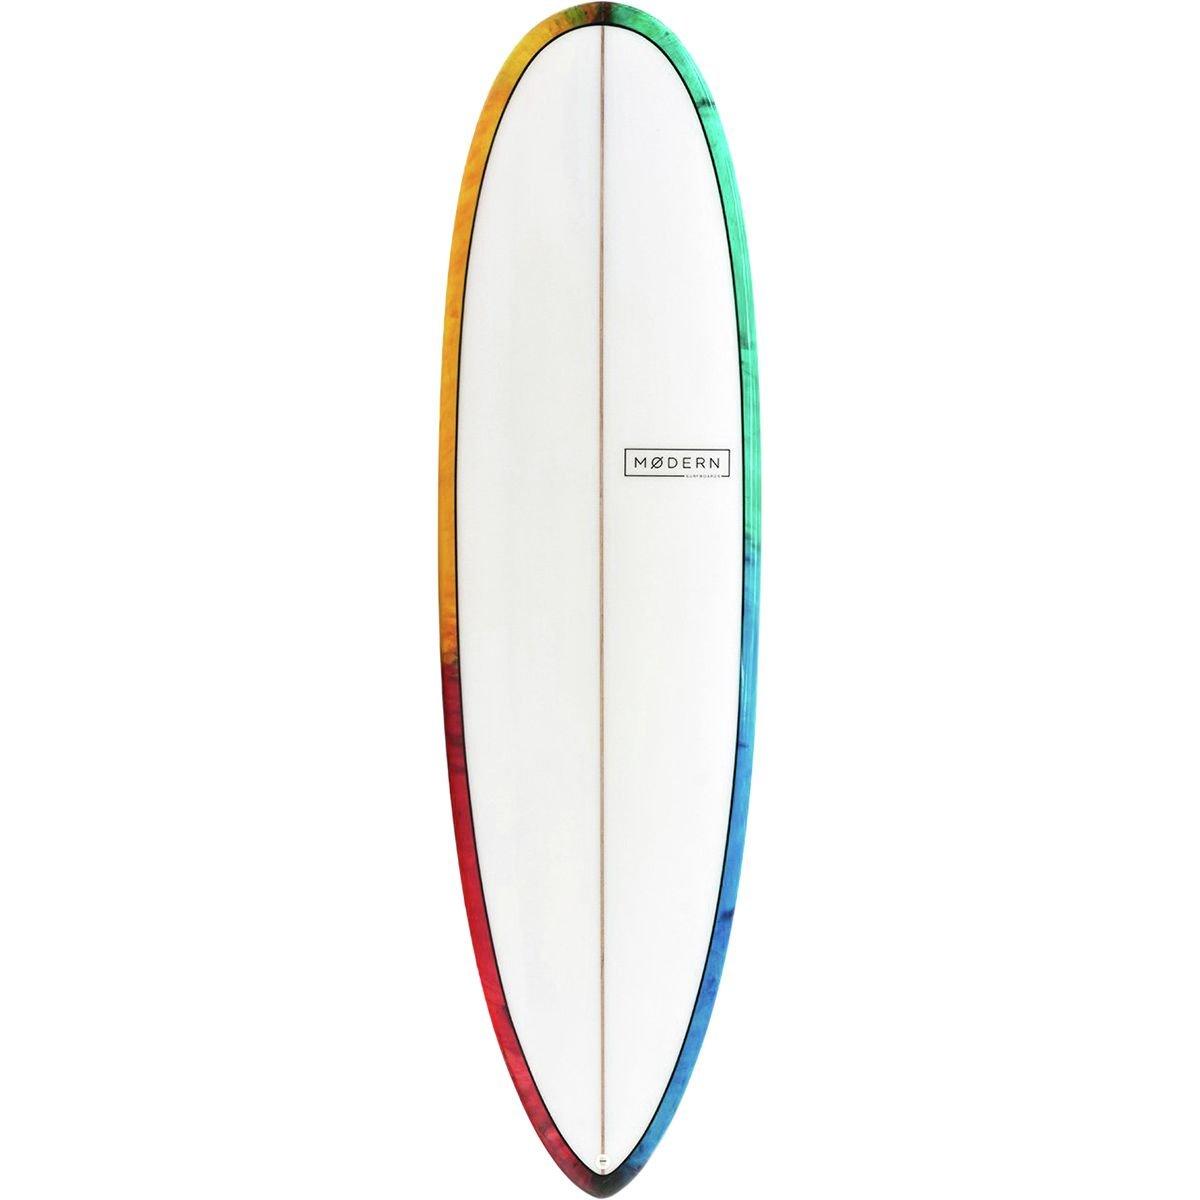 人気特価 モダンサーフボード柄Love子PU 6ft Surfboard B07D5SKMBJ Kaleidoscope Tint Tint Kaleidoscope 6ft 8in 6ft 8in|Kaleidoscope Tint, シンワマチ:0ada123c --- arianechie.dominiotemporario.com